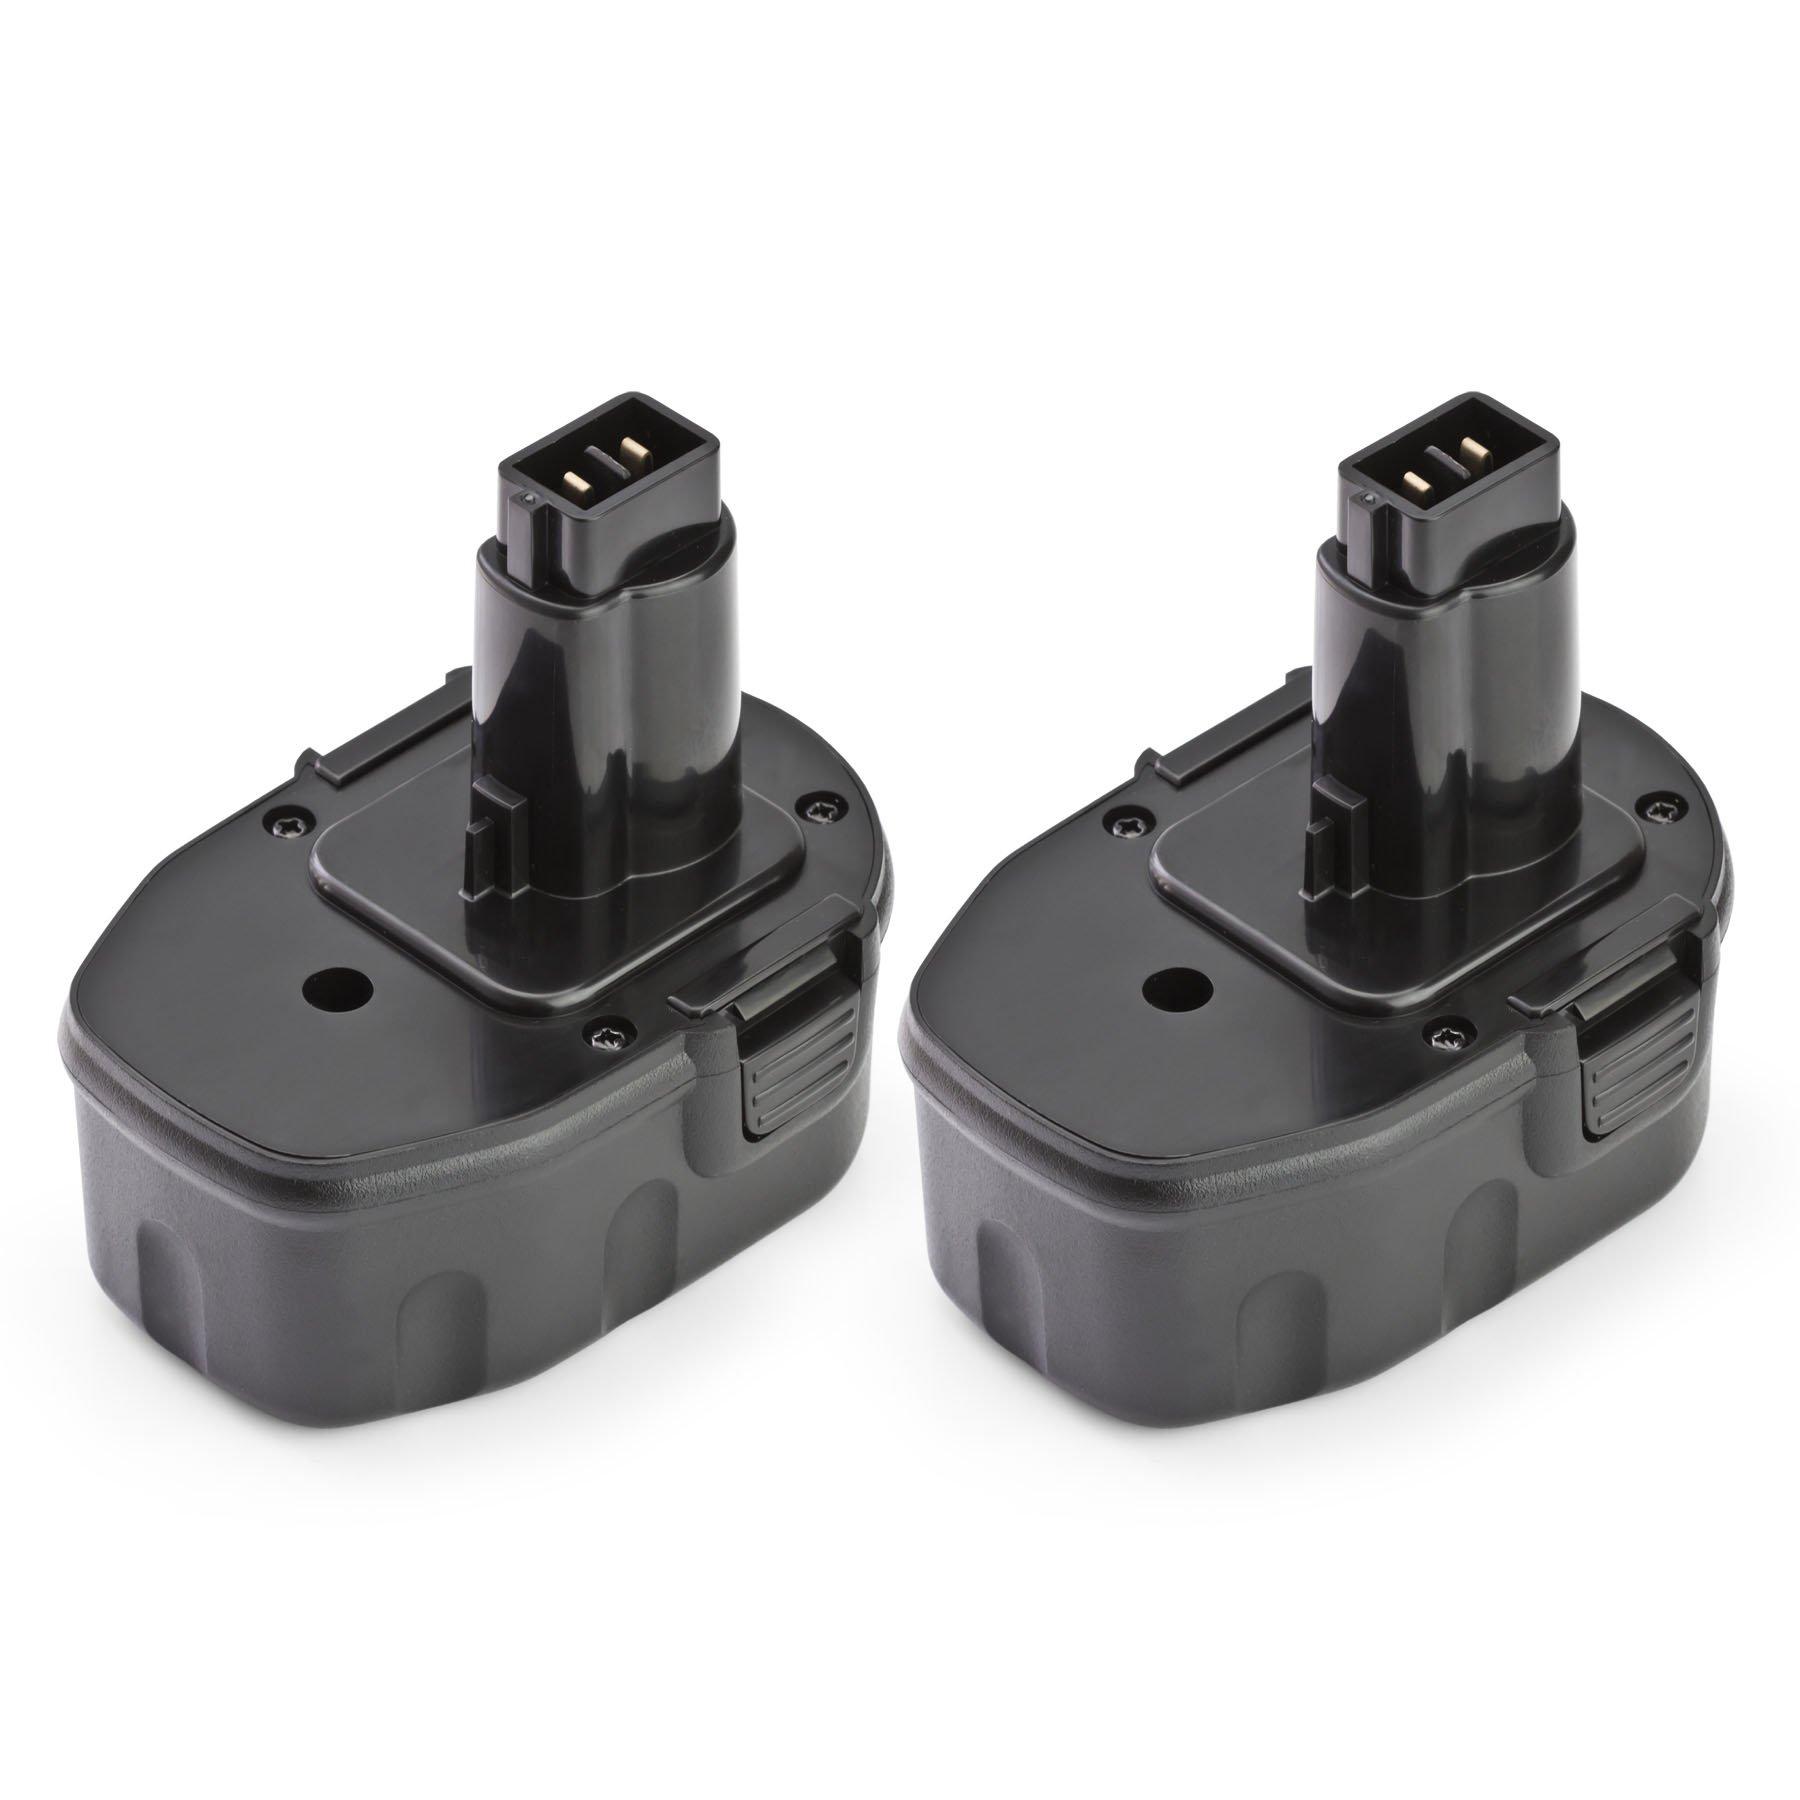 2 x ExpertPower 14.4v 3000mAh NiMh Replacement Extended Battery for Dewalt DW9094 DW9091 DC9091 DE9038 DE9091 DE9092 DE9094 DE9502